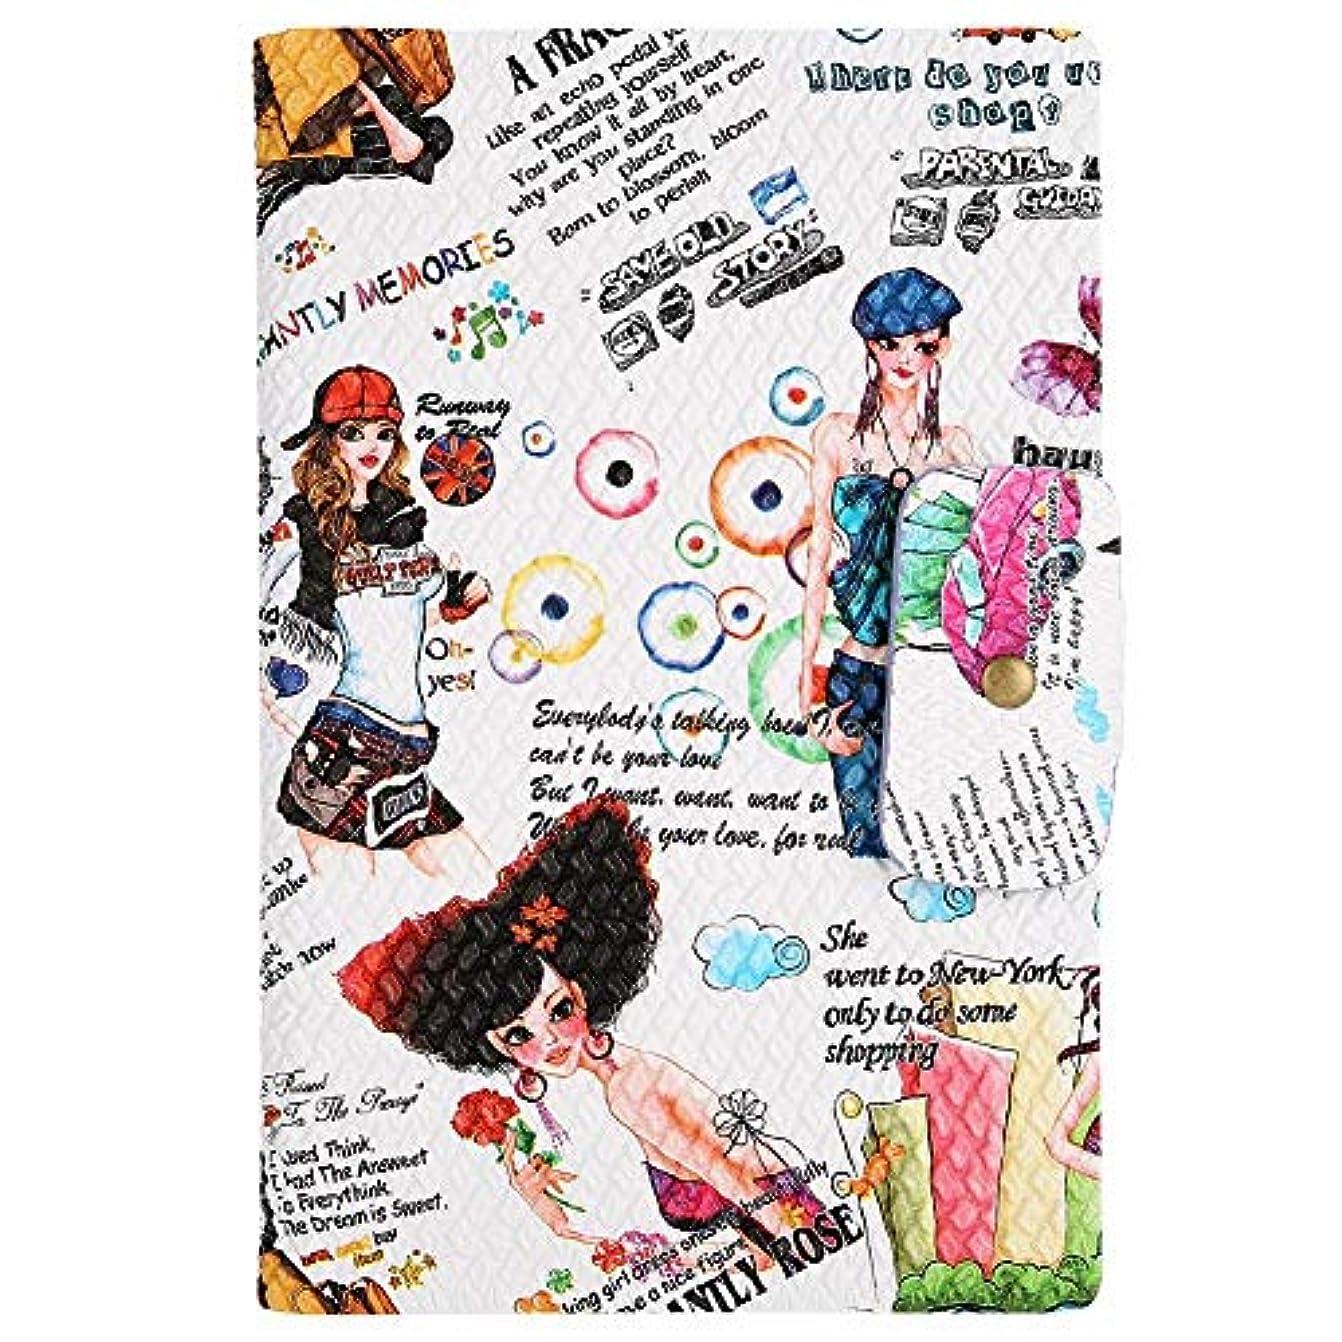 クラブベリーポゴスティックジャンプネイルアートディスプレイスタンド 160色表示 プラスチック板 ネイルポリッシュカラー ディスプレイ サロン アクセサリー(01)